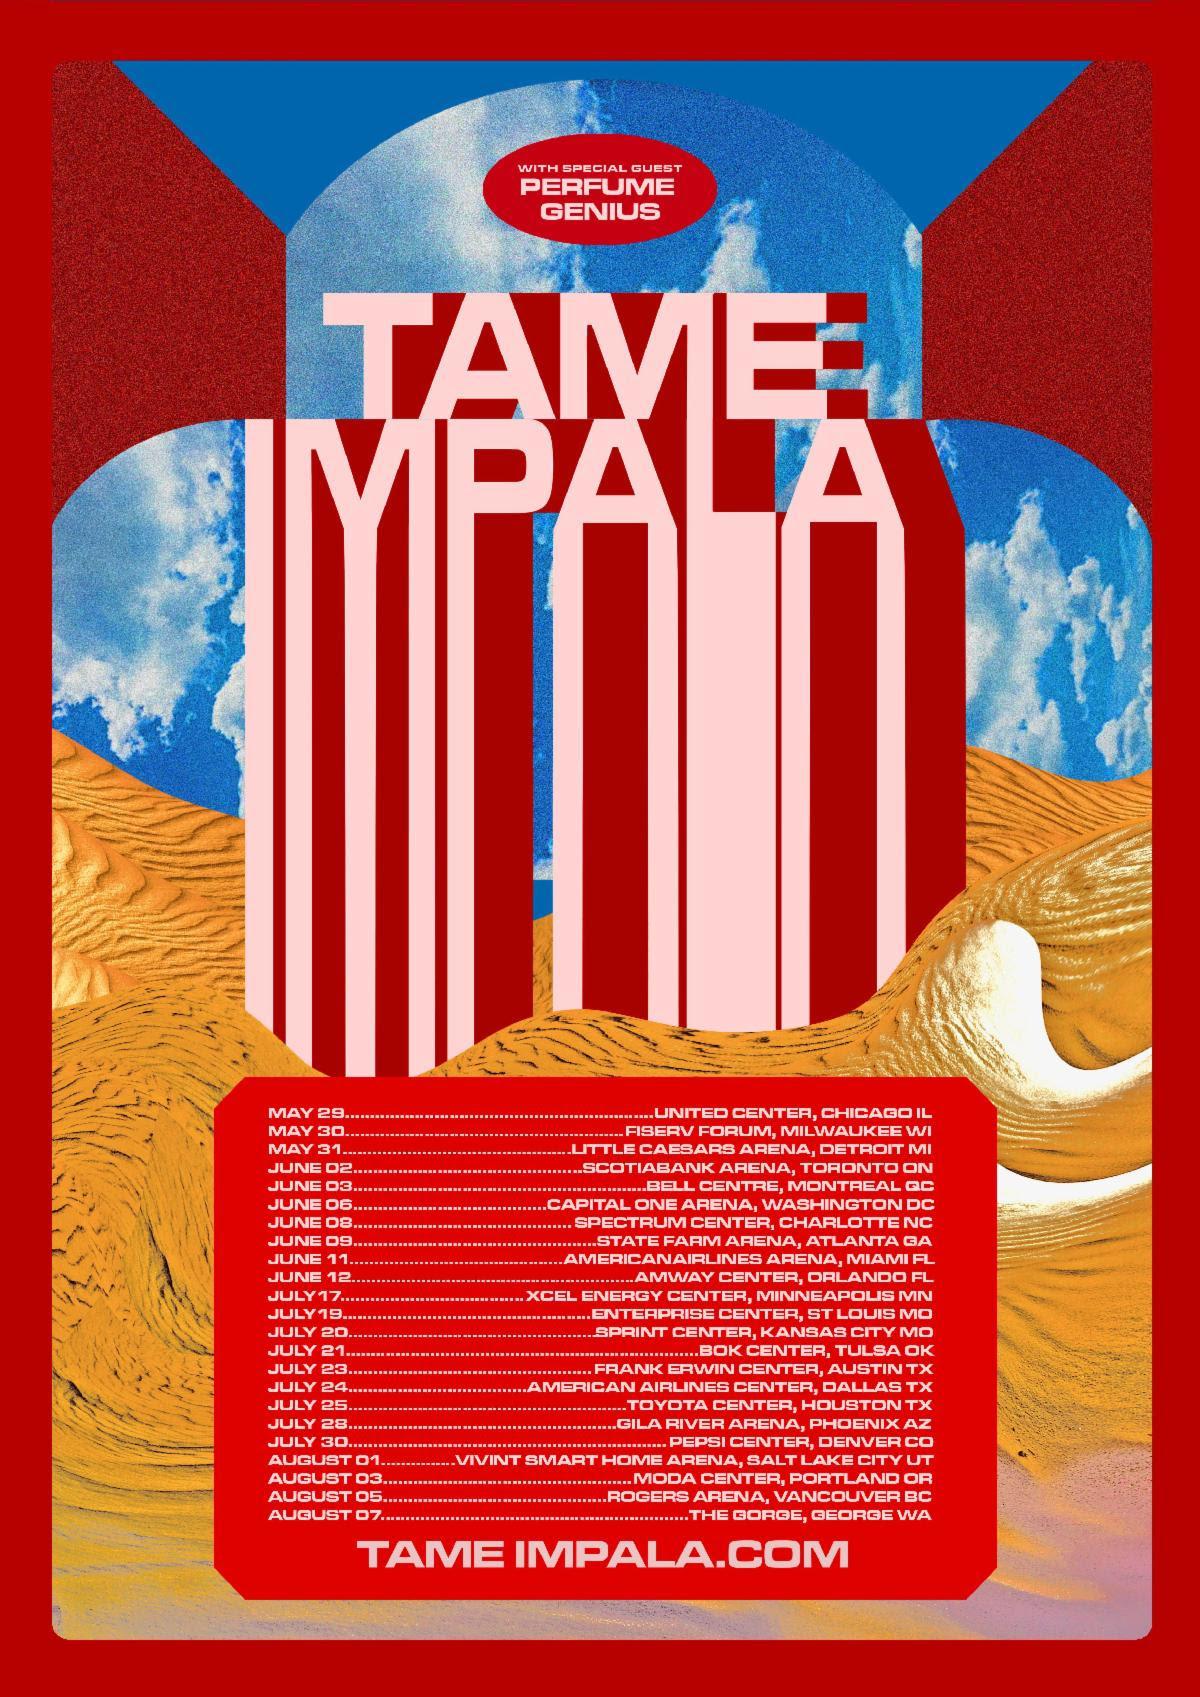 Perfume Genius 2020 north american tour dates poster